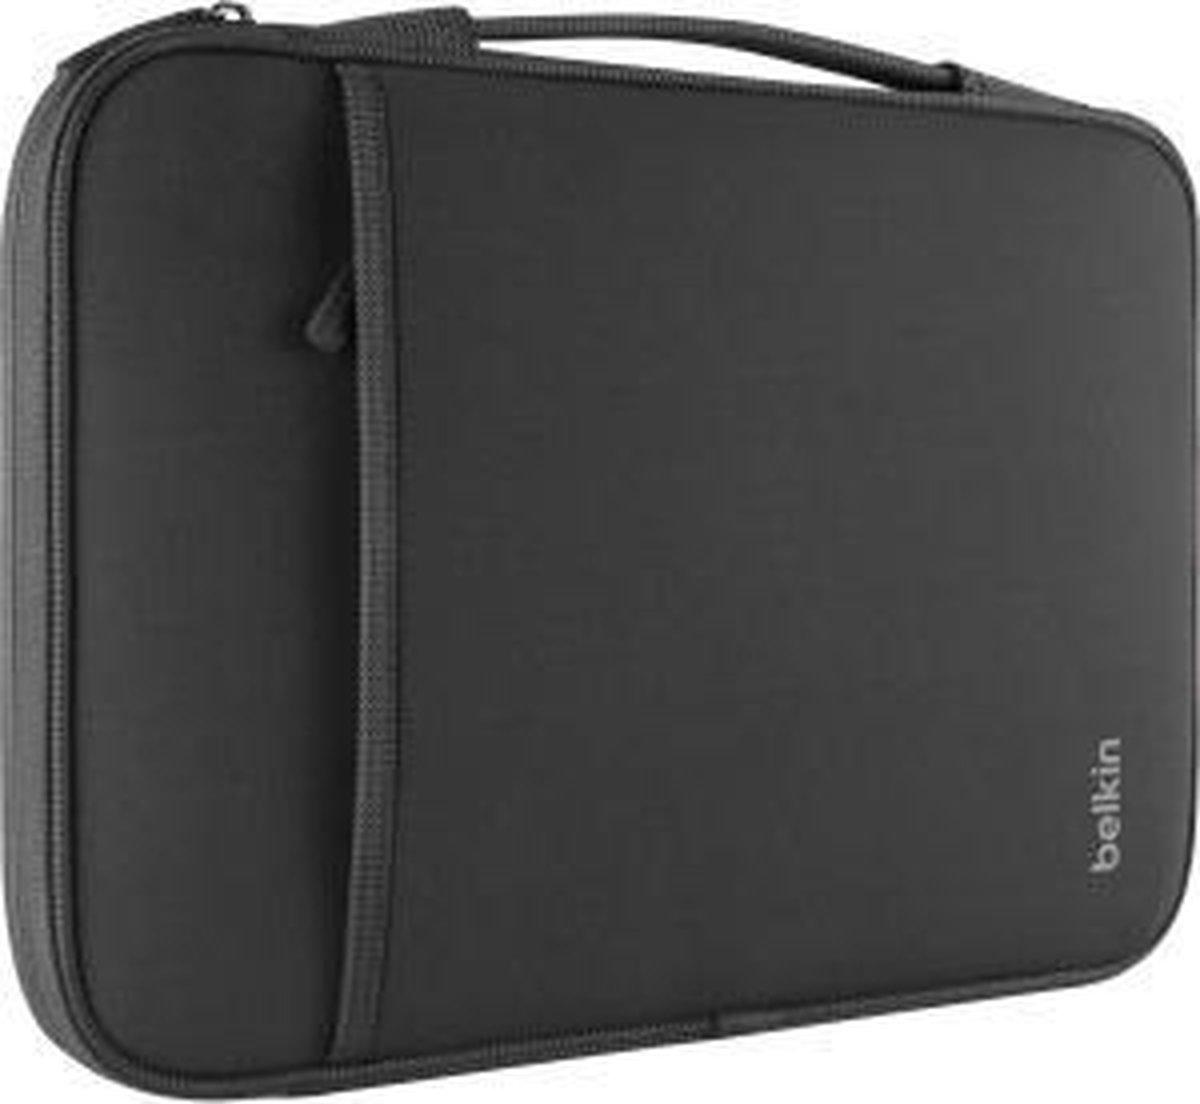 Belkin Laptop Sleeve - 14 inch - Belkin